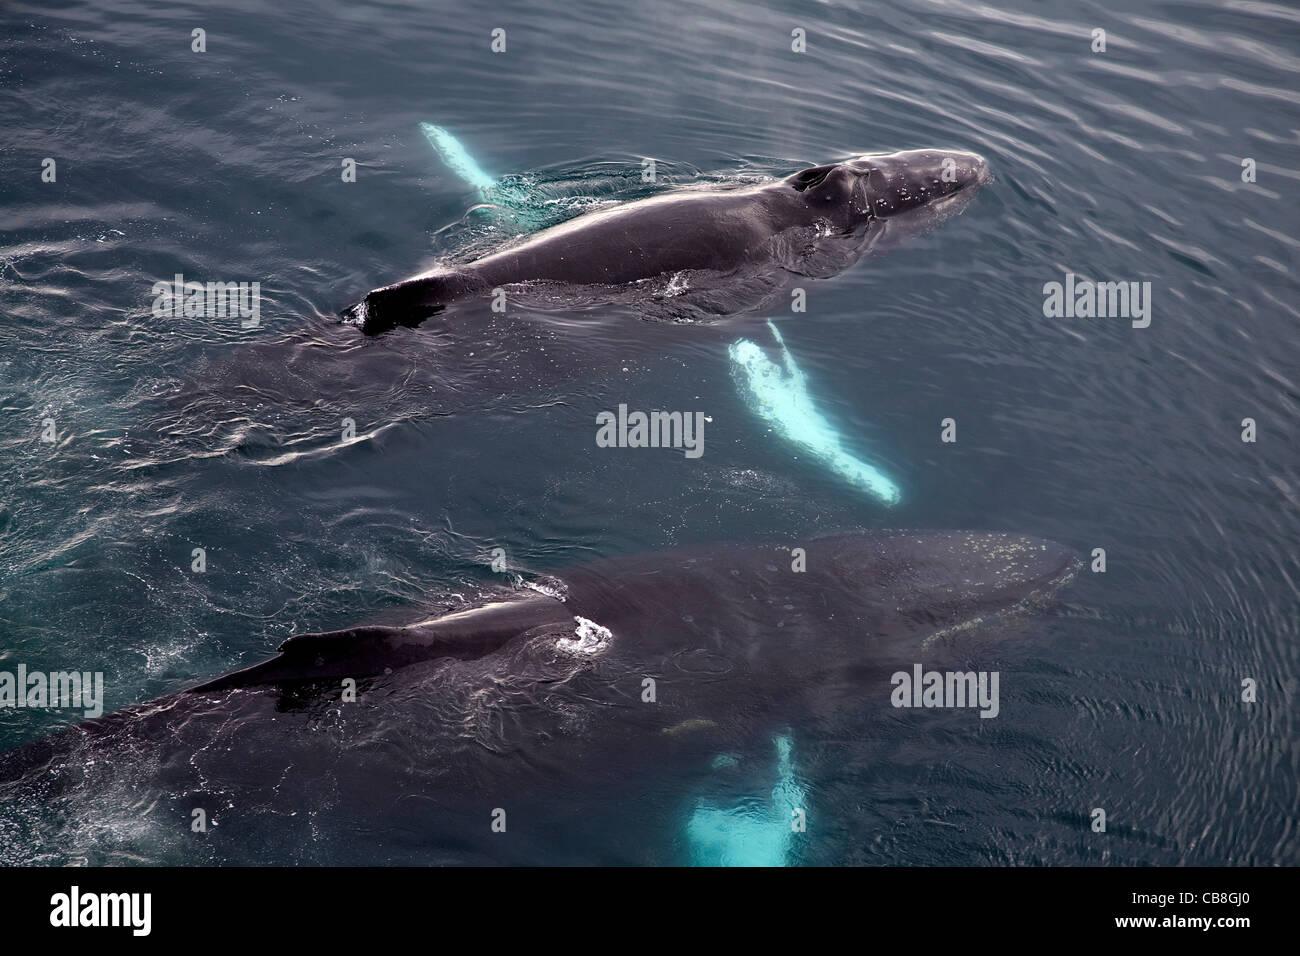 Dos ballenas jorobadas (Megaptera novaeangliae) surgen en el Mar Antártico en Wilhelmina Bay, en la Antártida Foto de stock